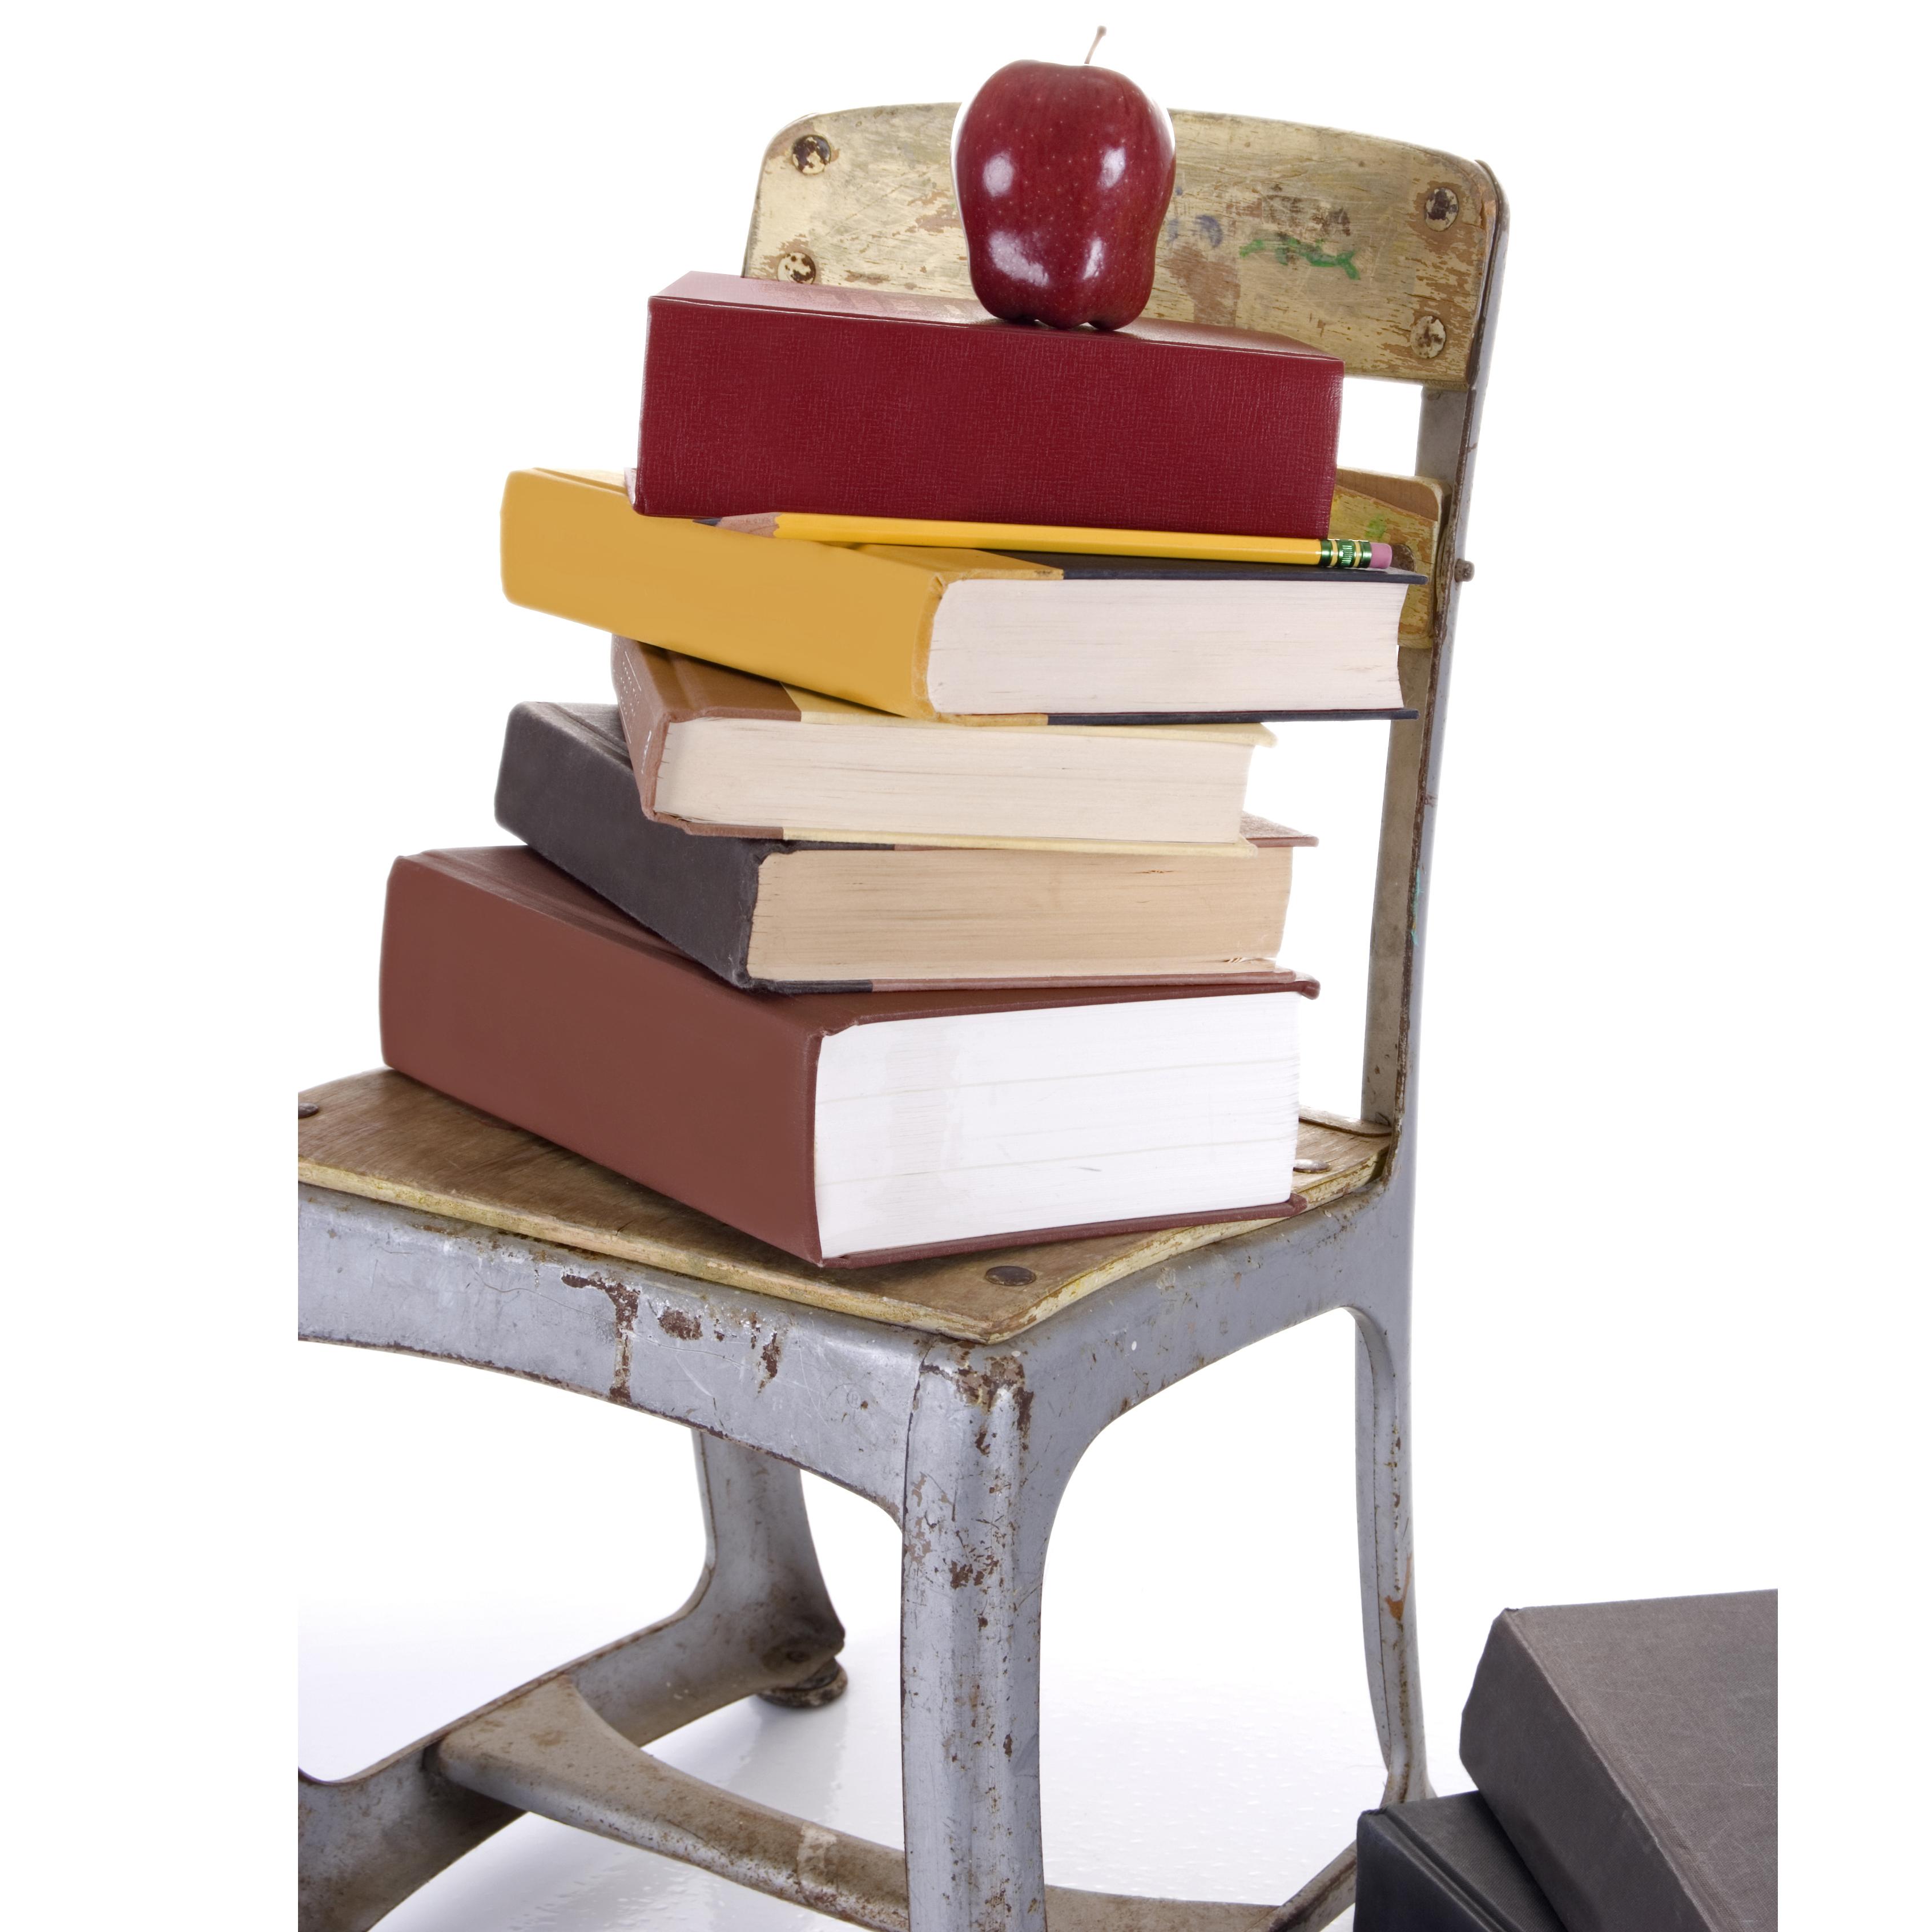 Chaise d'écolier et pomme sur pile de livres